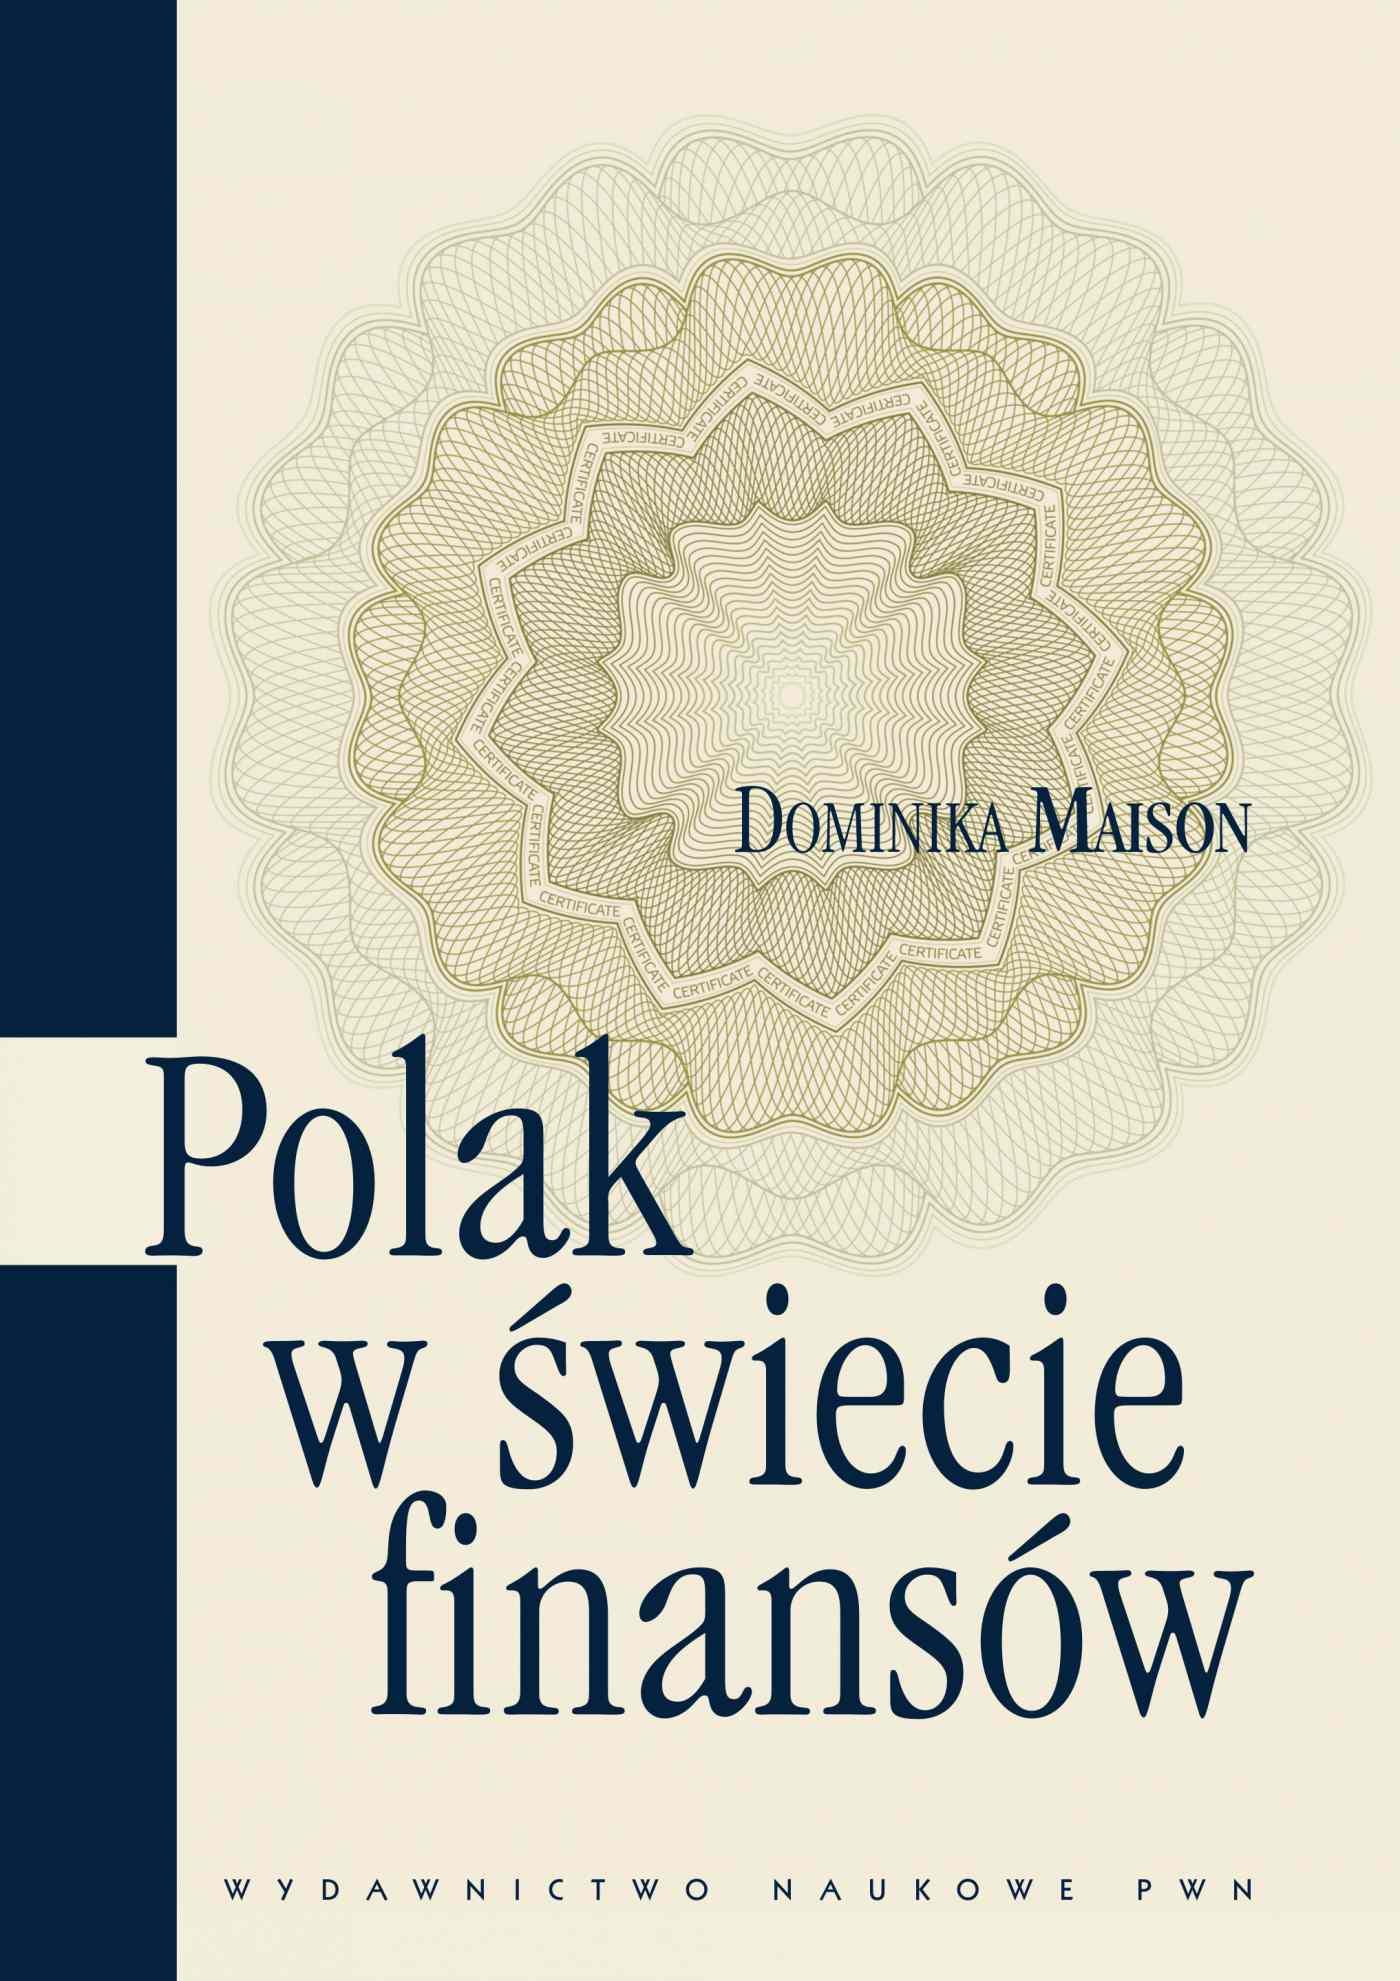 Polak w świecie finansów. O psychologicznych uwarunkowaniach zachowań ekonomicznych Polaków - Ebook (Książka na Kindle) do pobrania w formacie MOBI